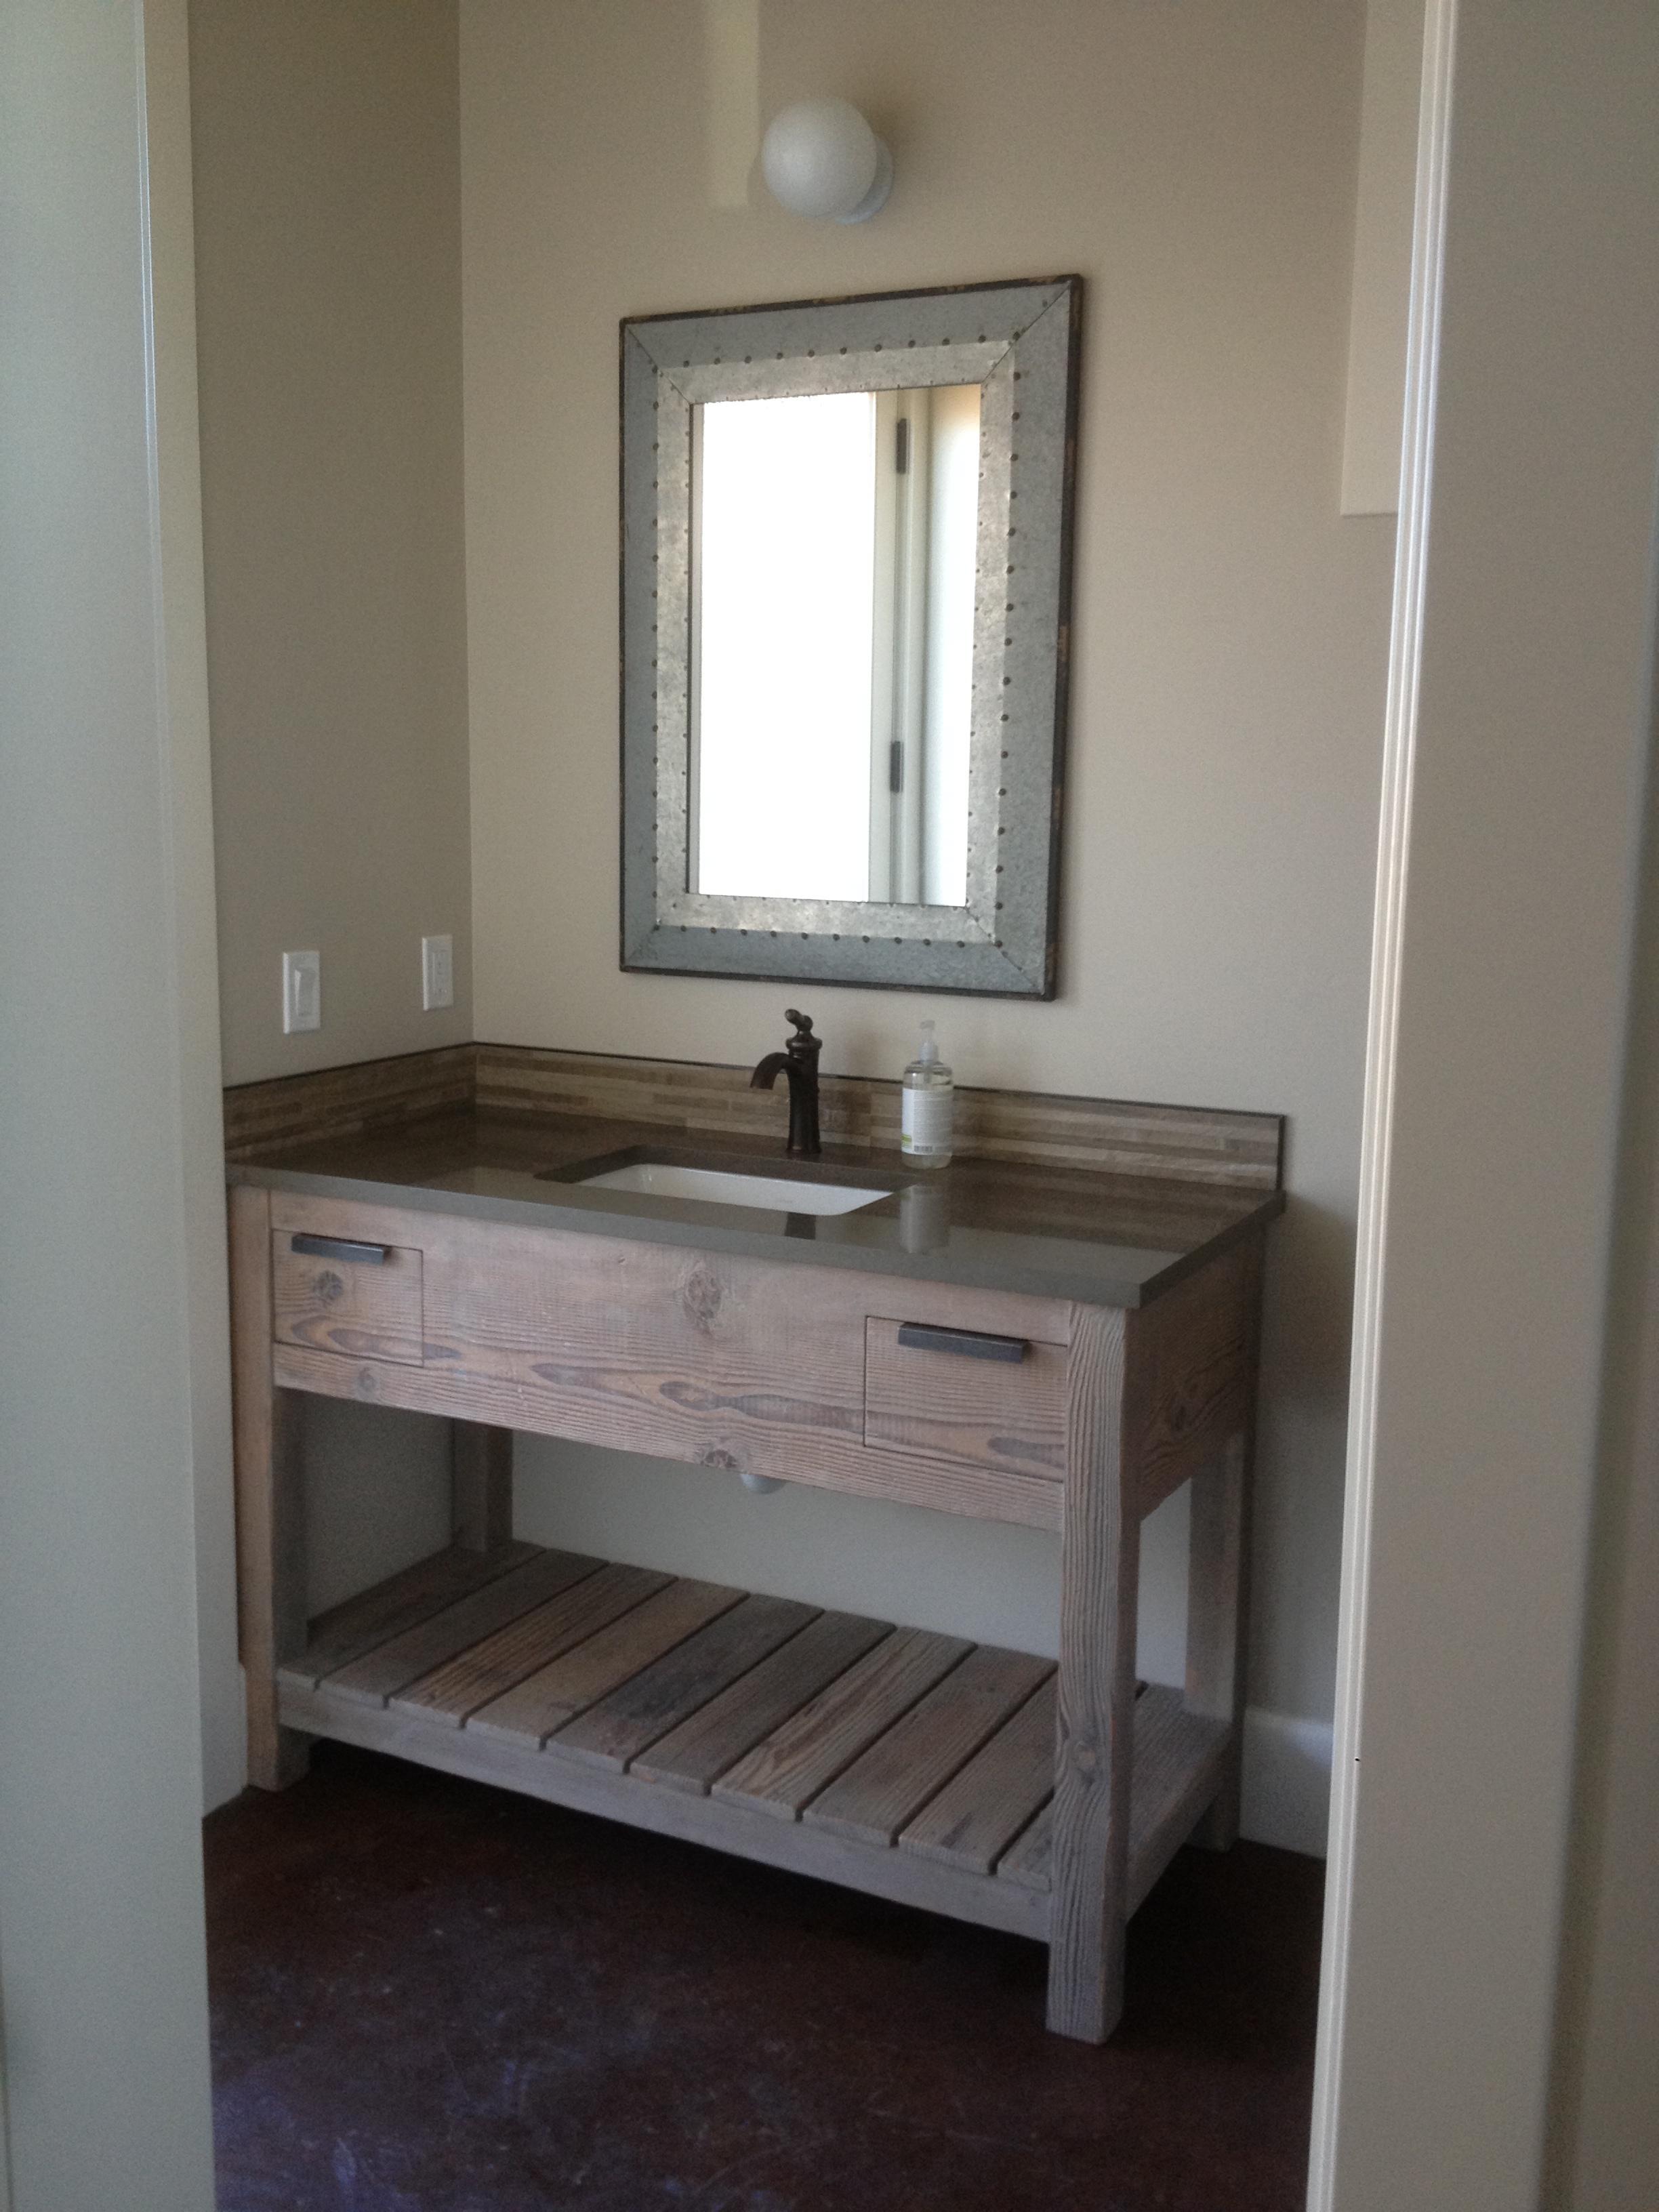 bathroom vanities  ben riddering / shop blog, Home decor